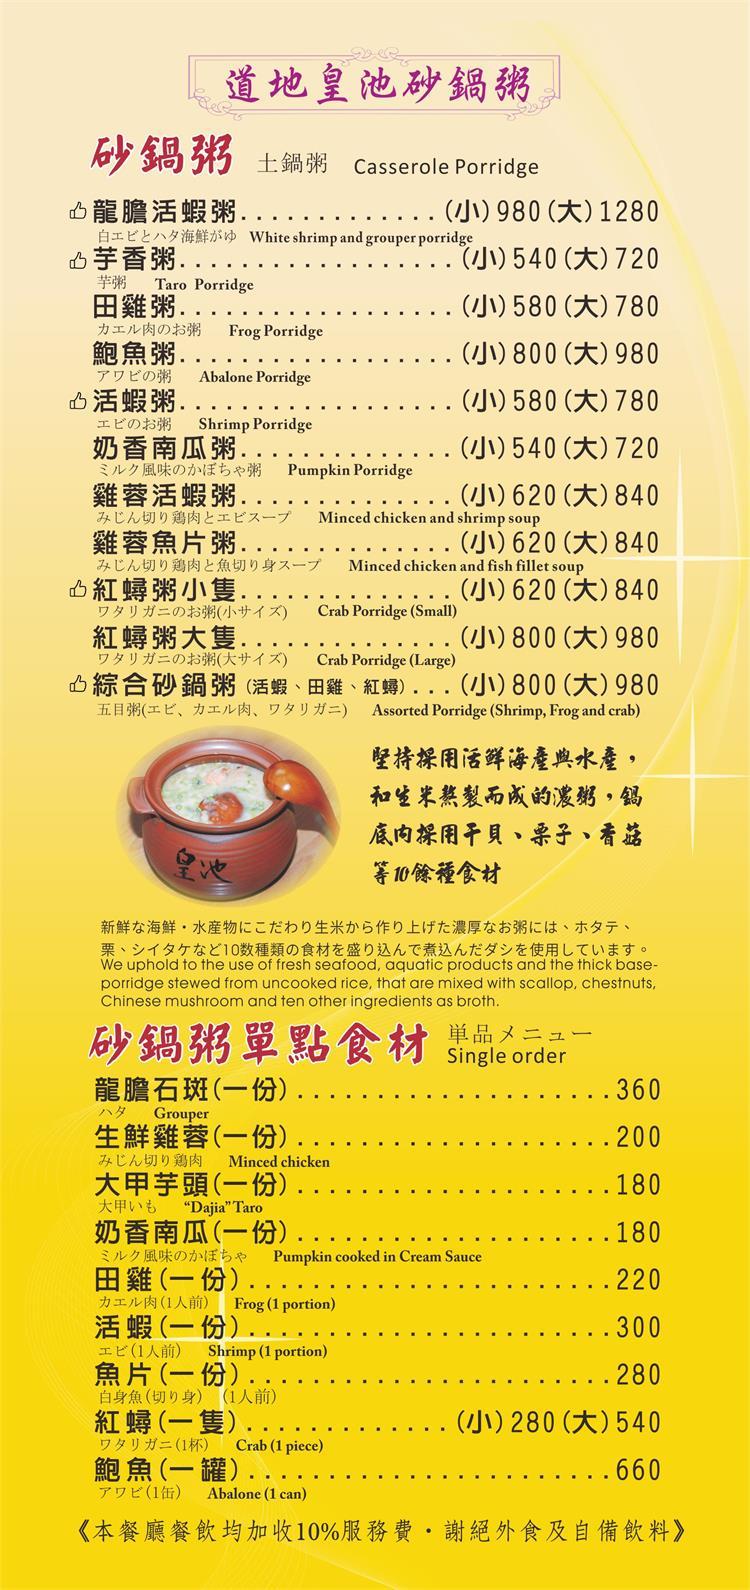 皇池砂鍋粥,北投旅遊,北投溫泉,陽明山溫泉,皇池溫泉